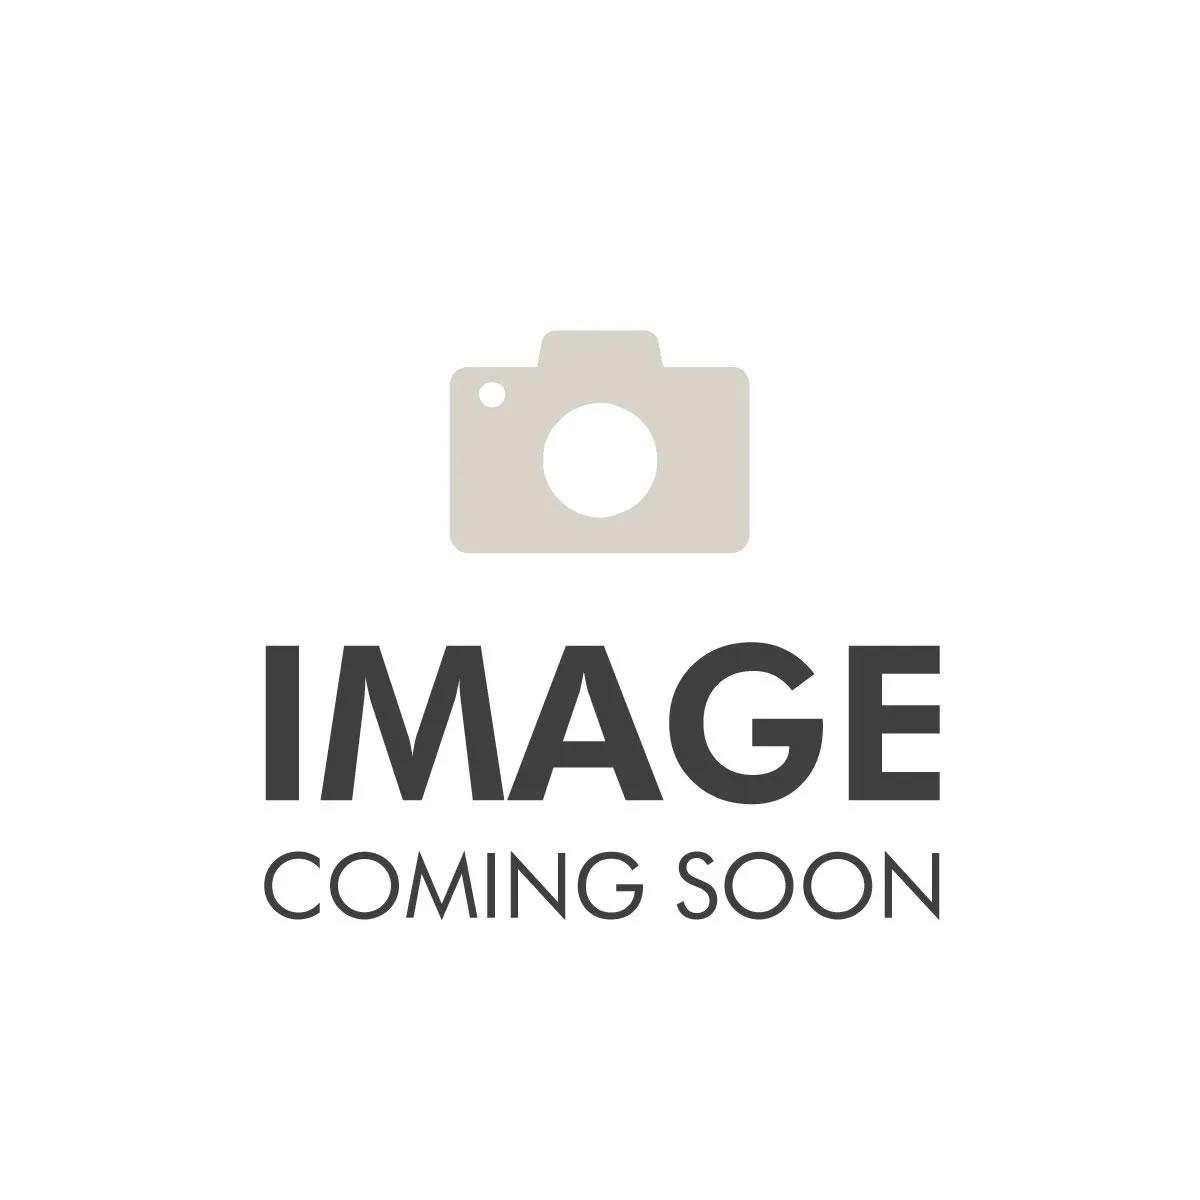 Ignition Tune Up Kit, 4.2L; 83-86 Jeep CJ Models